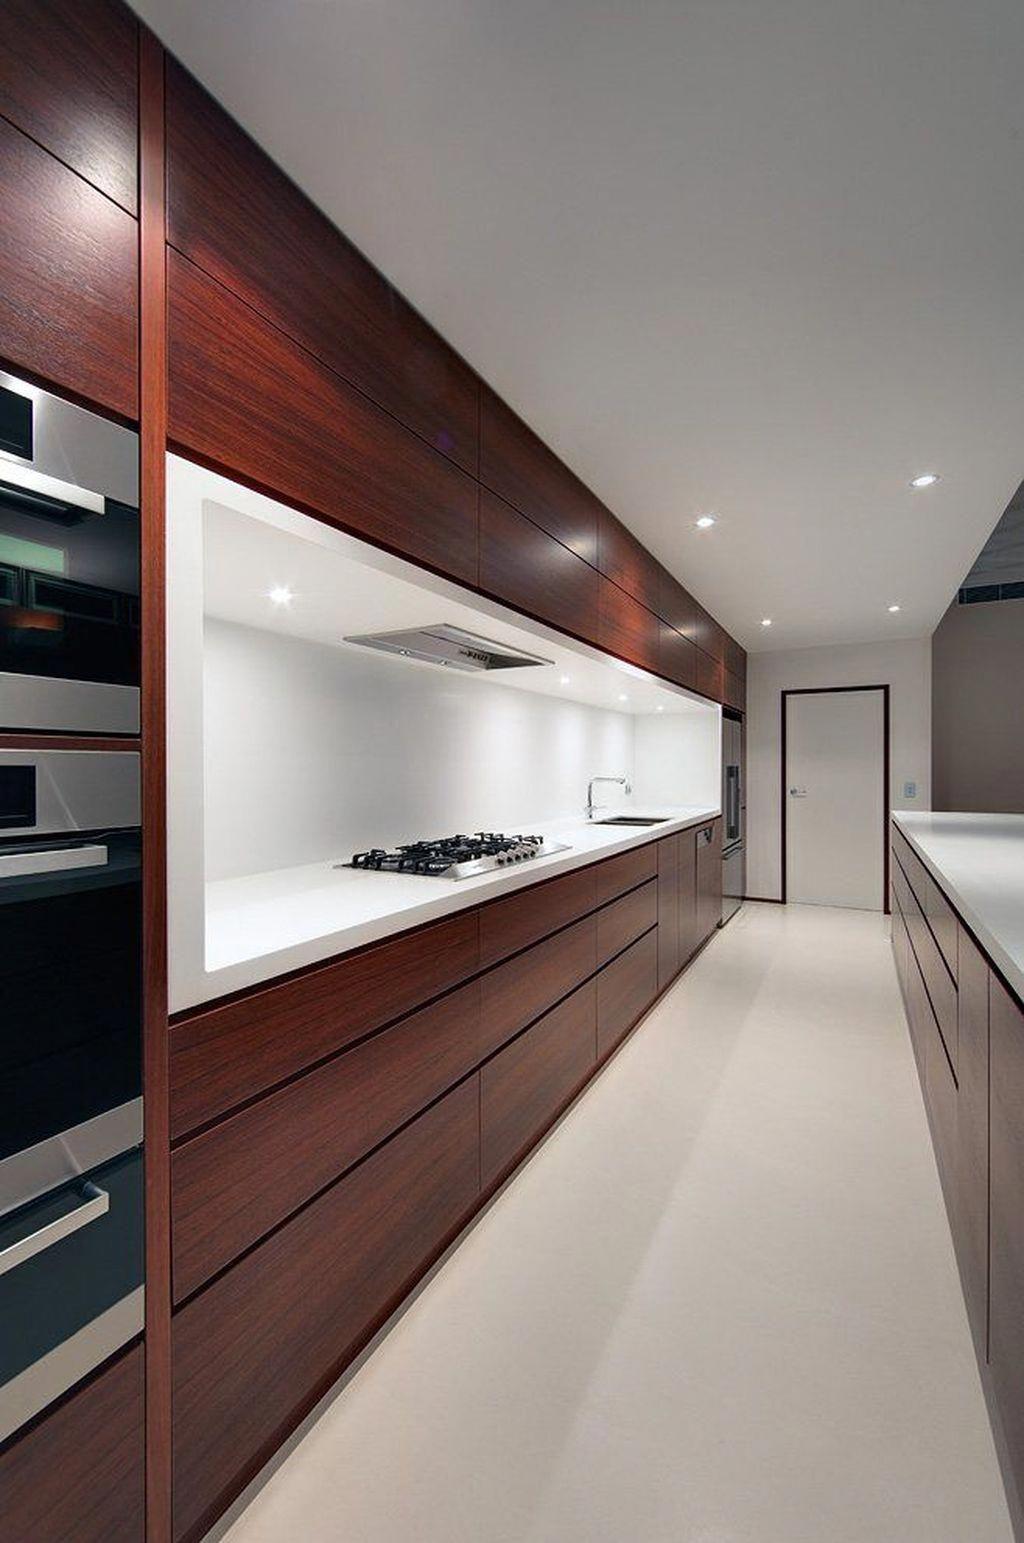 Modernkitchendesign Modern Kitchen Design Luxury